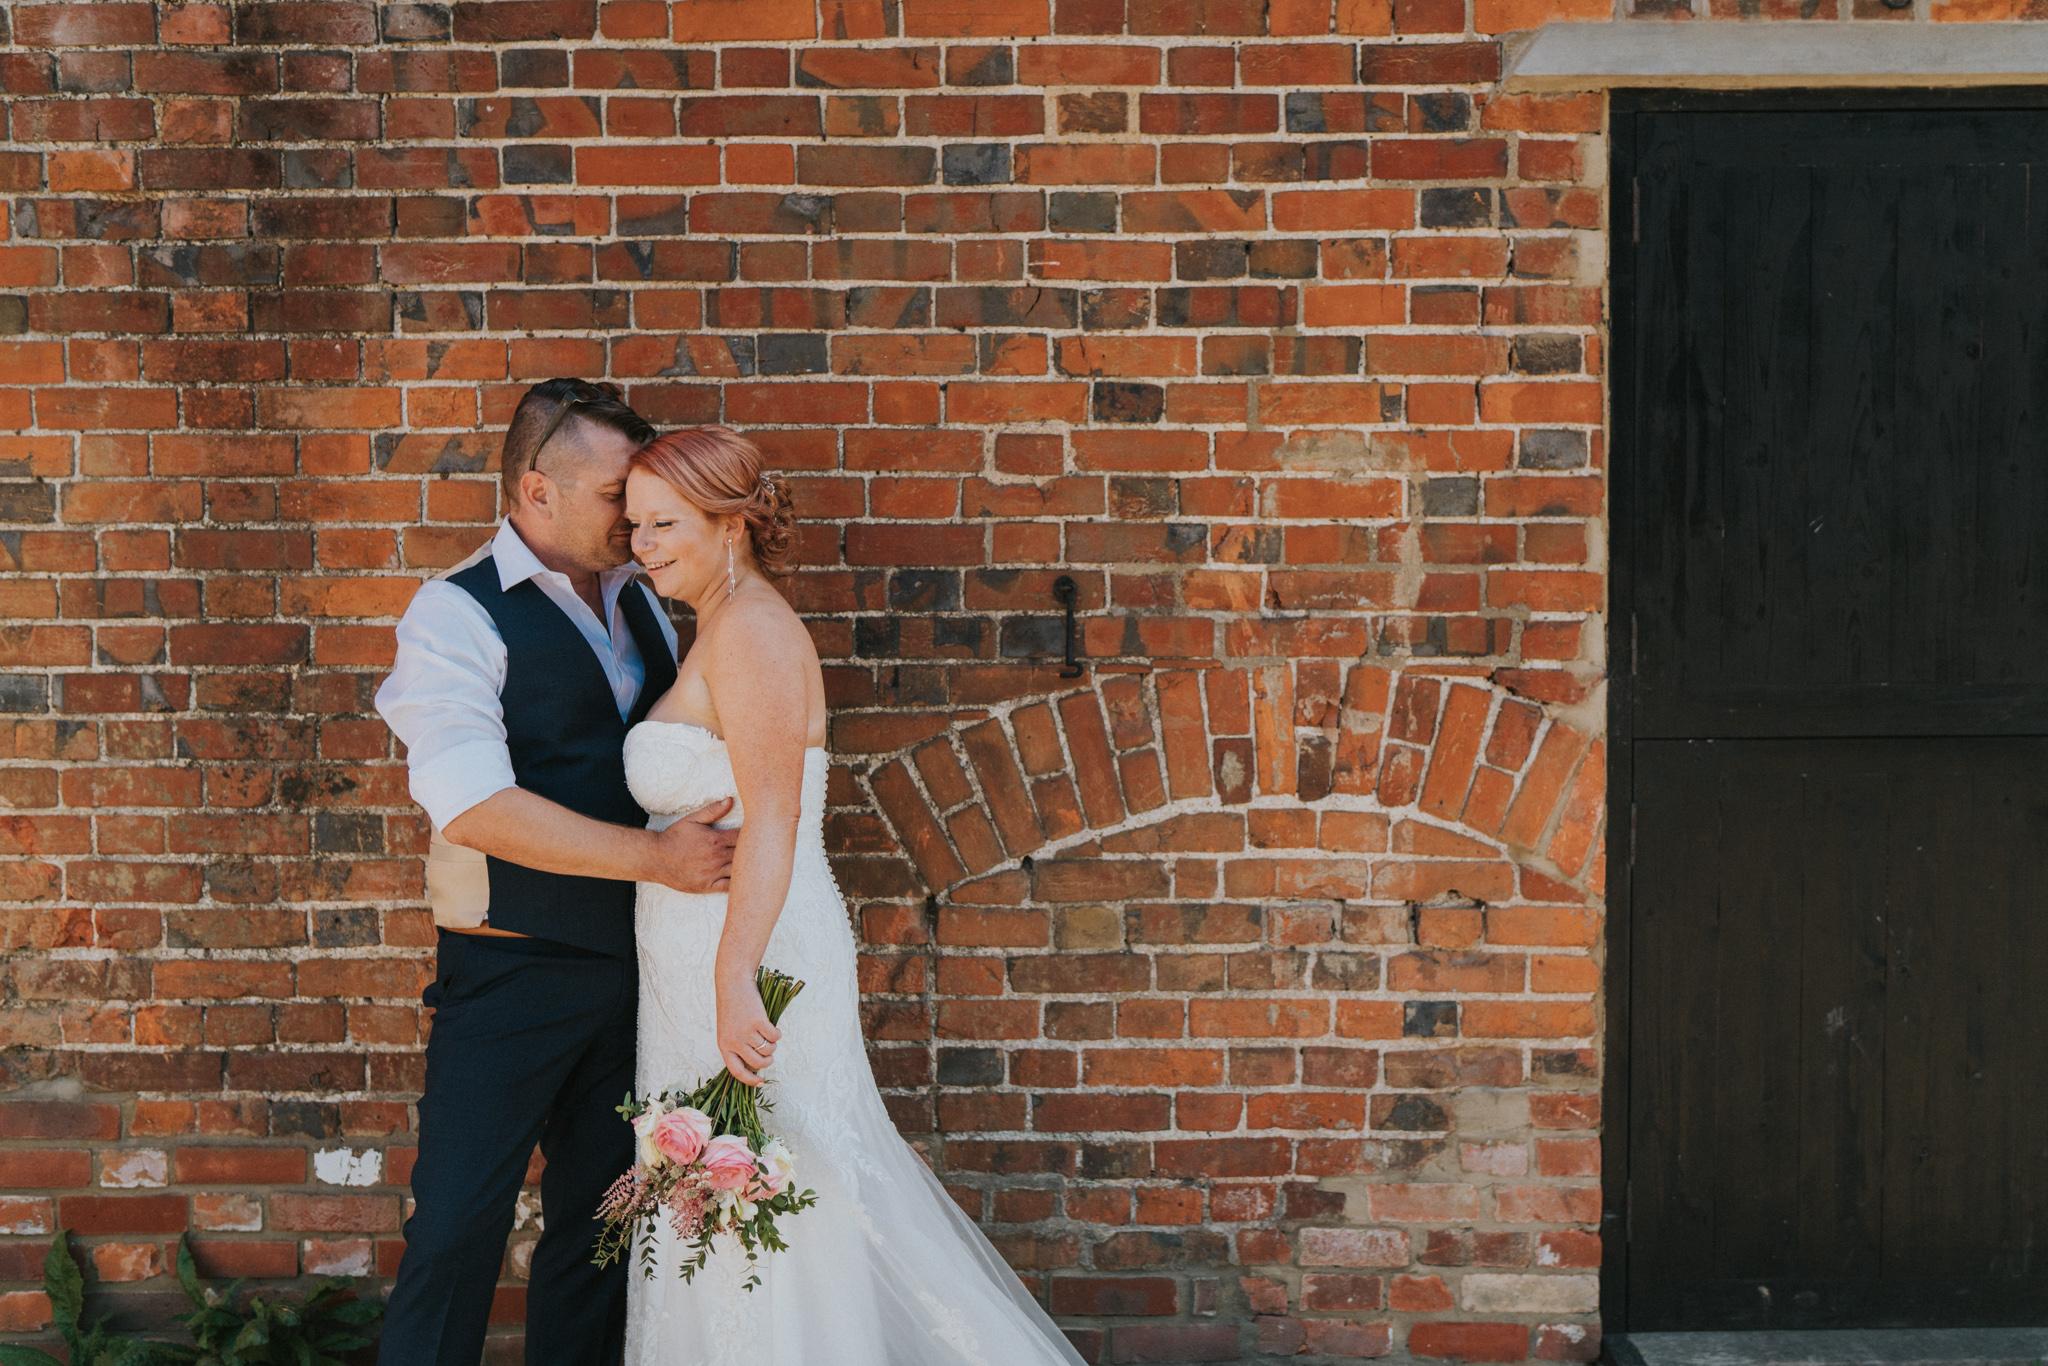 steph-neil-red-brick-barn-rochford-wedding-grace-elizabeth-colchester-essex-alternative-wedding-photographer-essex-suffolk-norfolk-devon (36 of 43).jpg